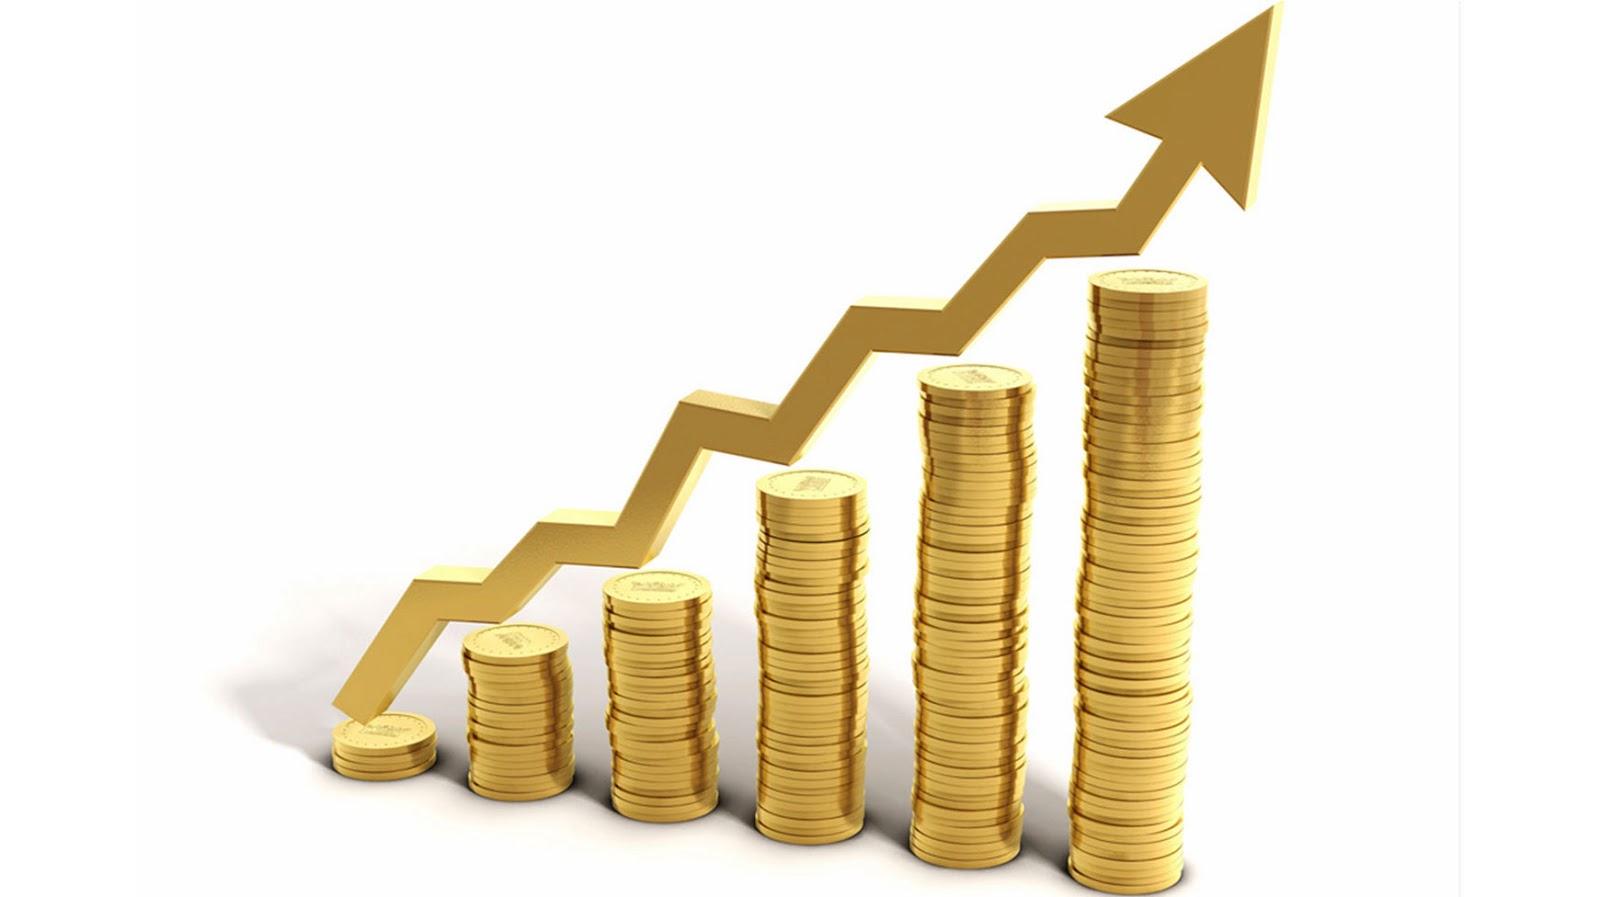 توقعات بنمو أرباح الشركات القطرية 6.1% في 2014